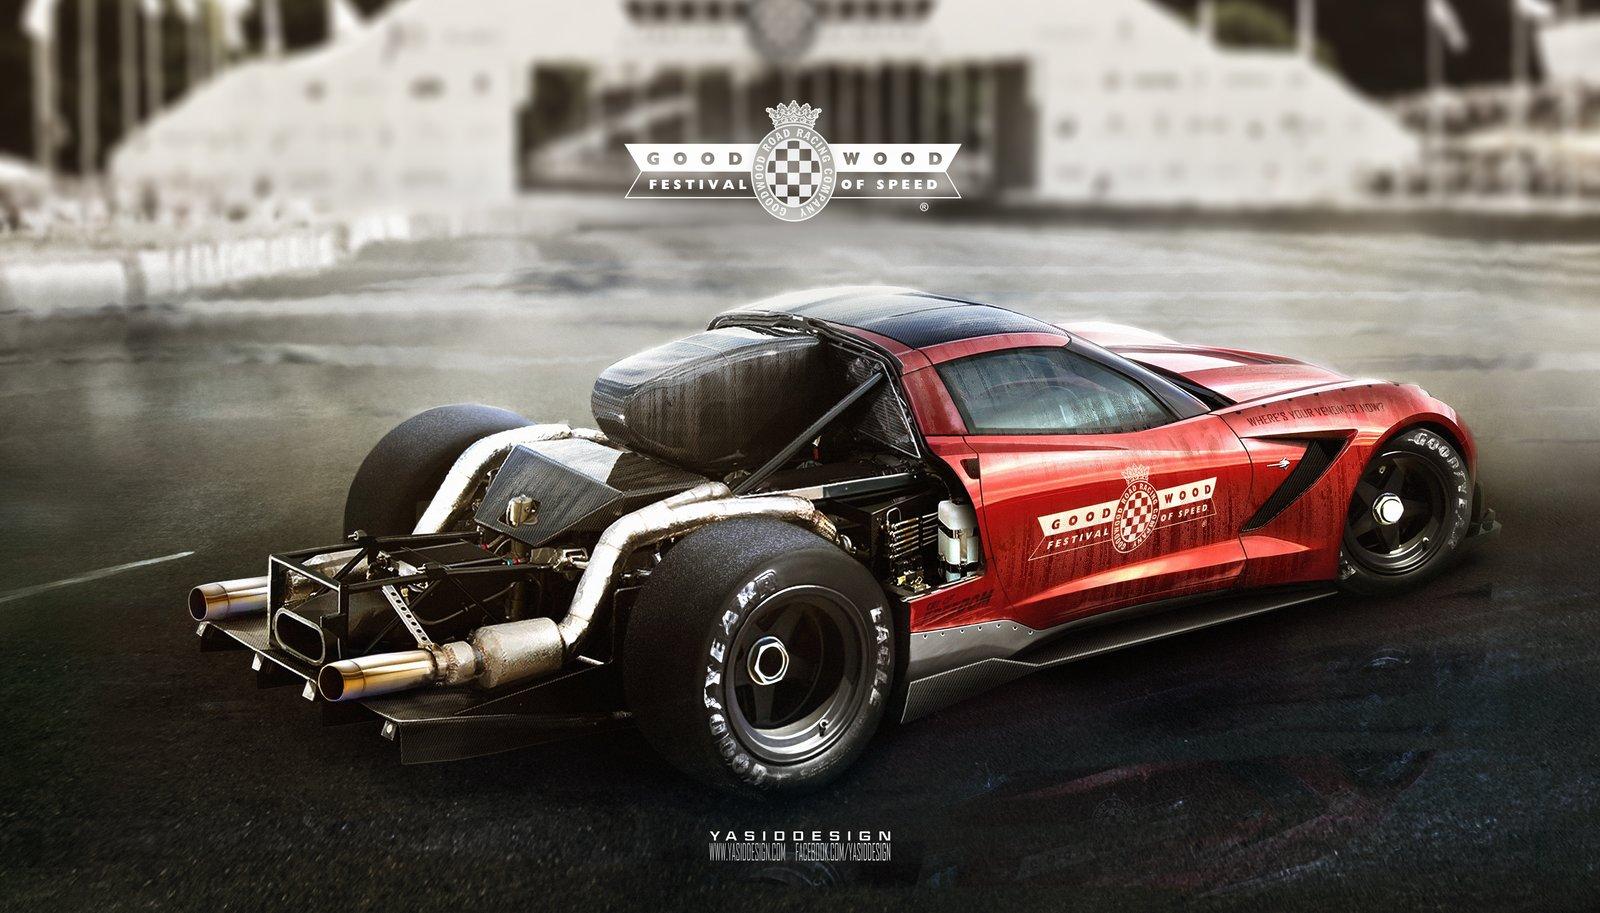 C7 corvette hillclimb - goodwood special